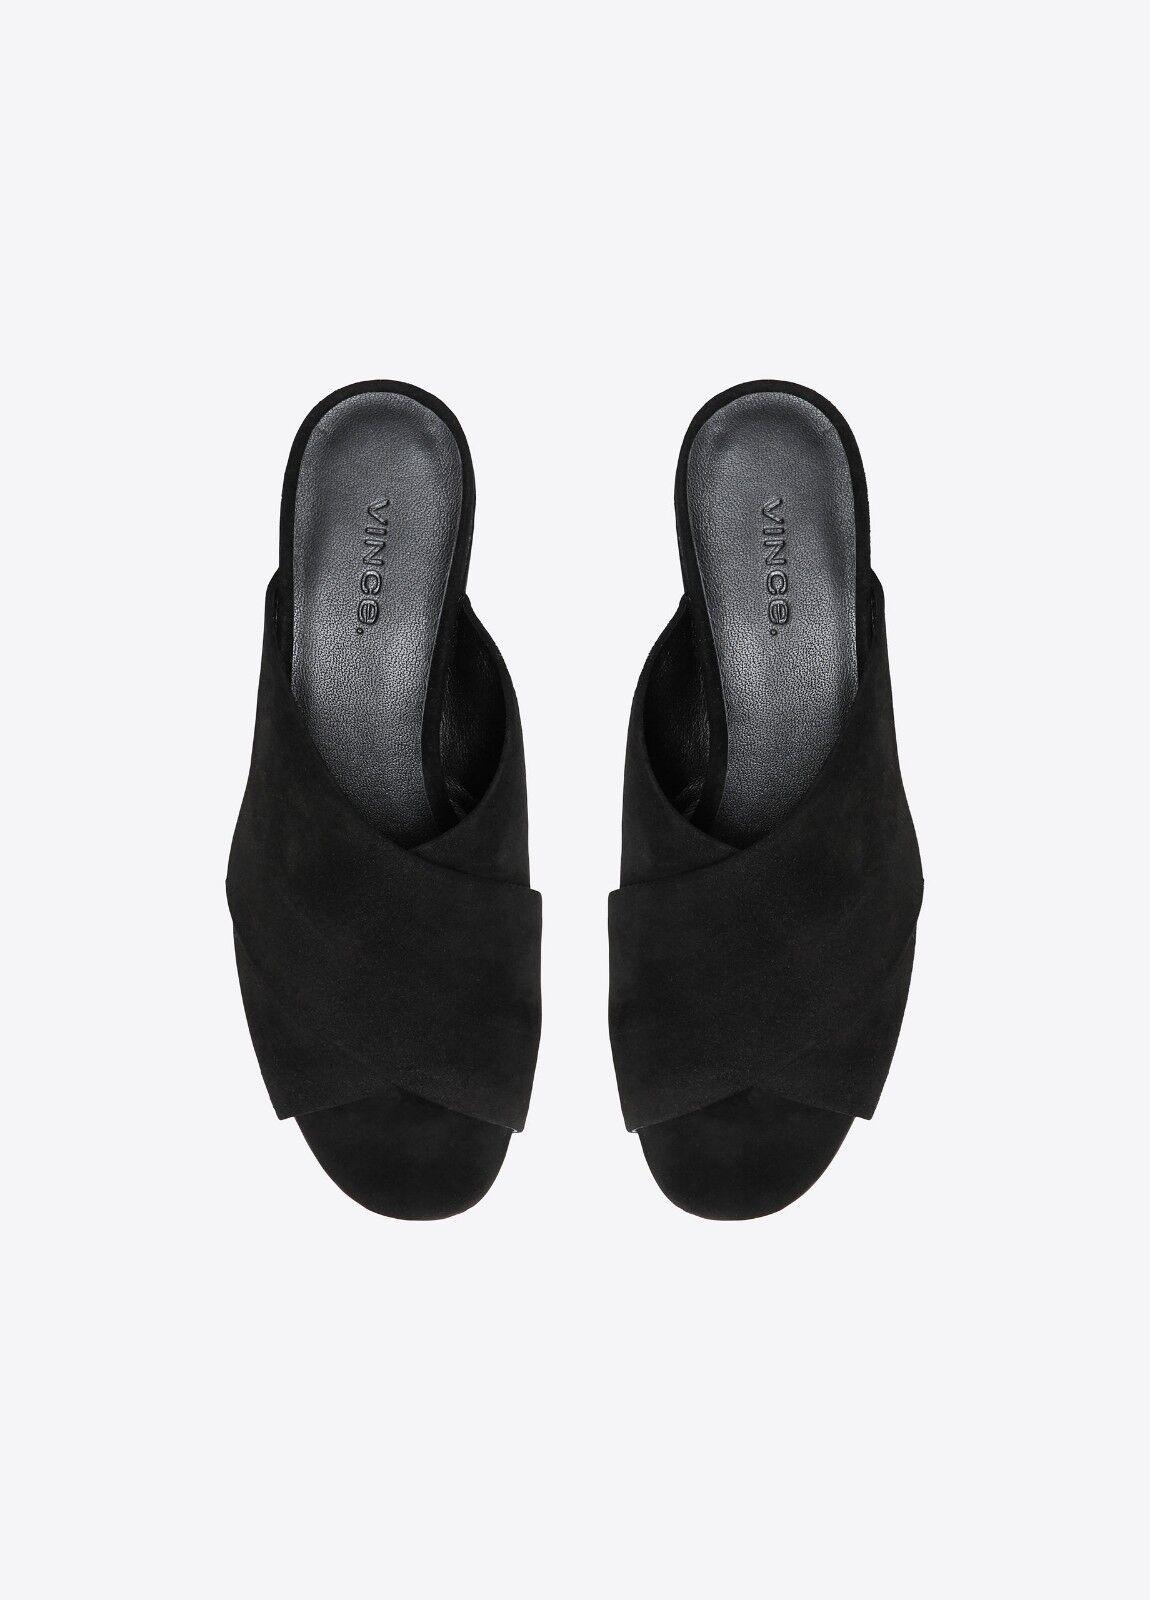 New in Box Vince Karsen italien en cuir et daim Diapositive Sandale Mule Noir Taille 6, 7.5  275